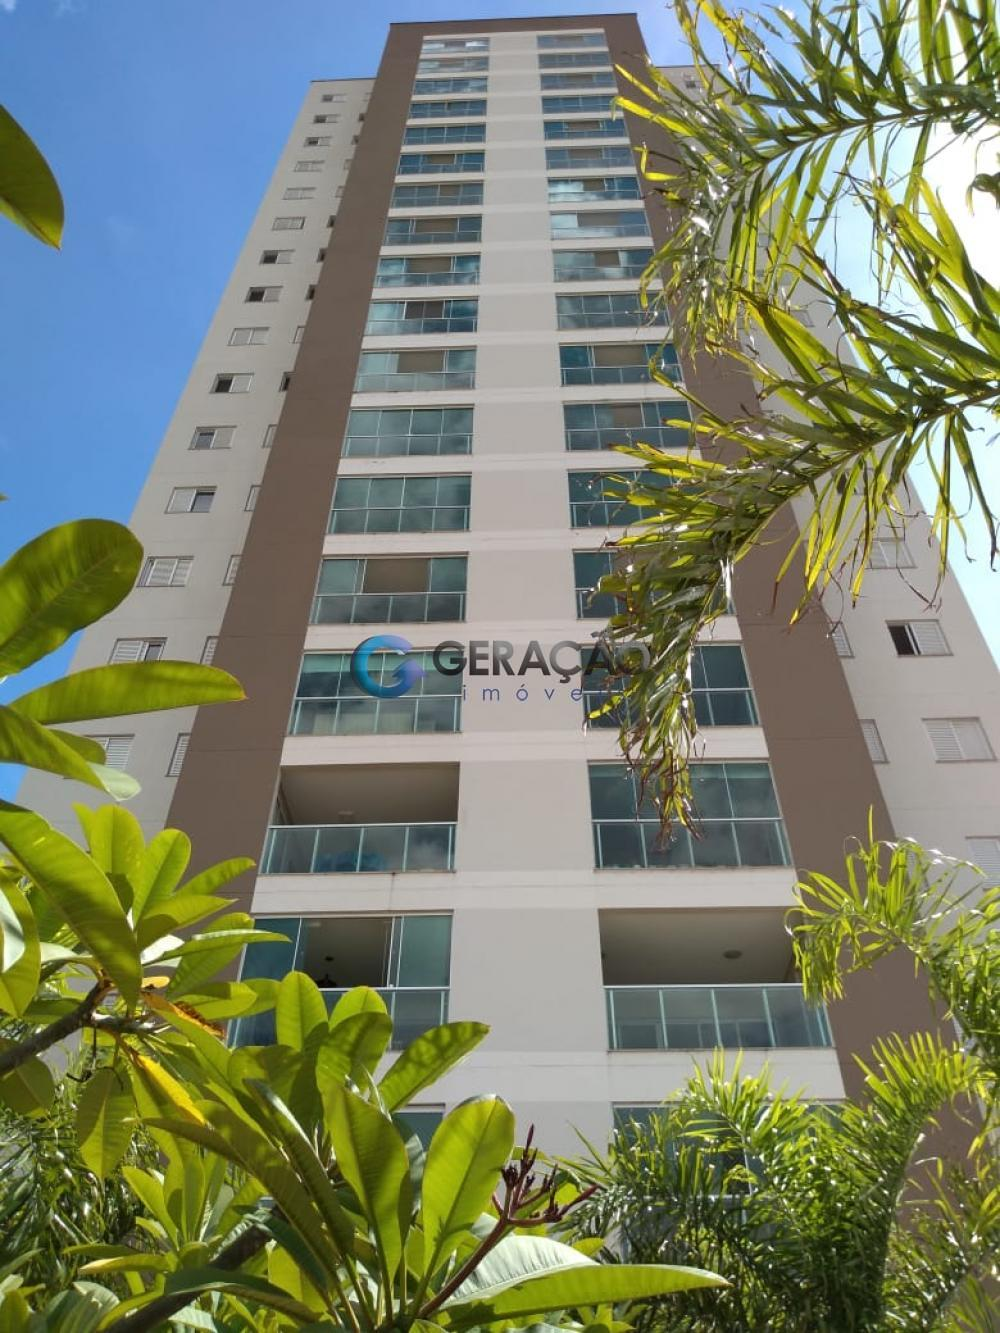 Comprar Apartamento / Padrão em Jacareí R$ 470.000,00 - Foto 1